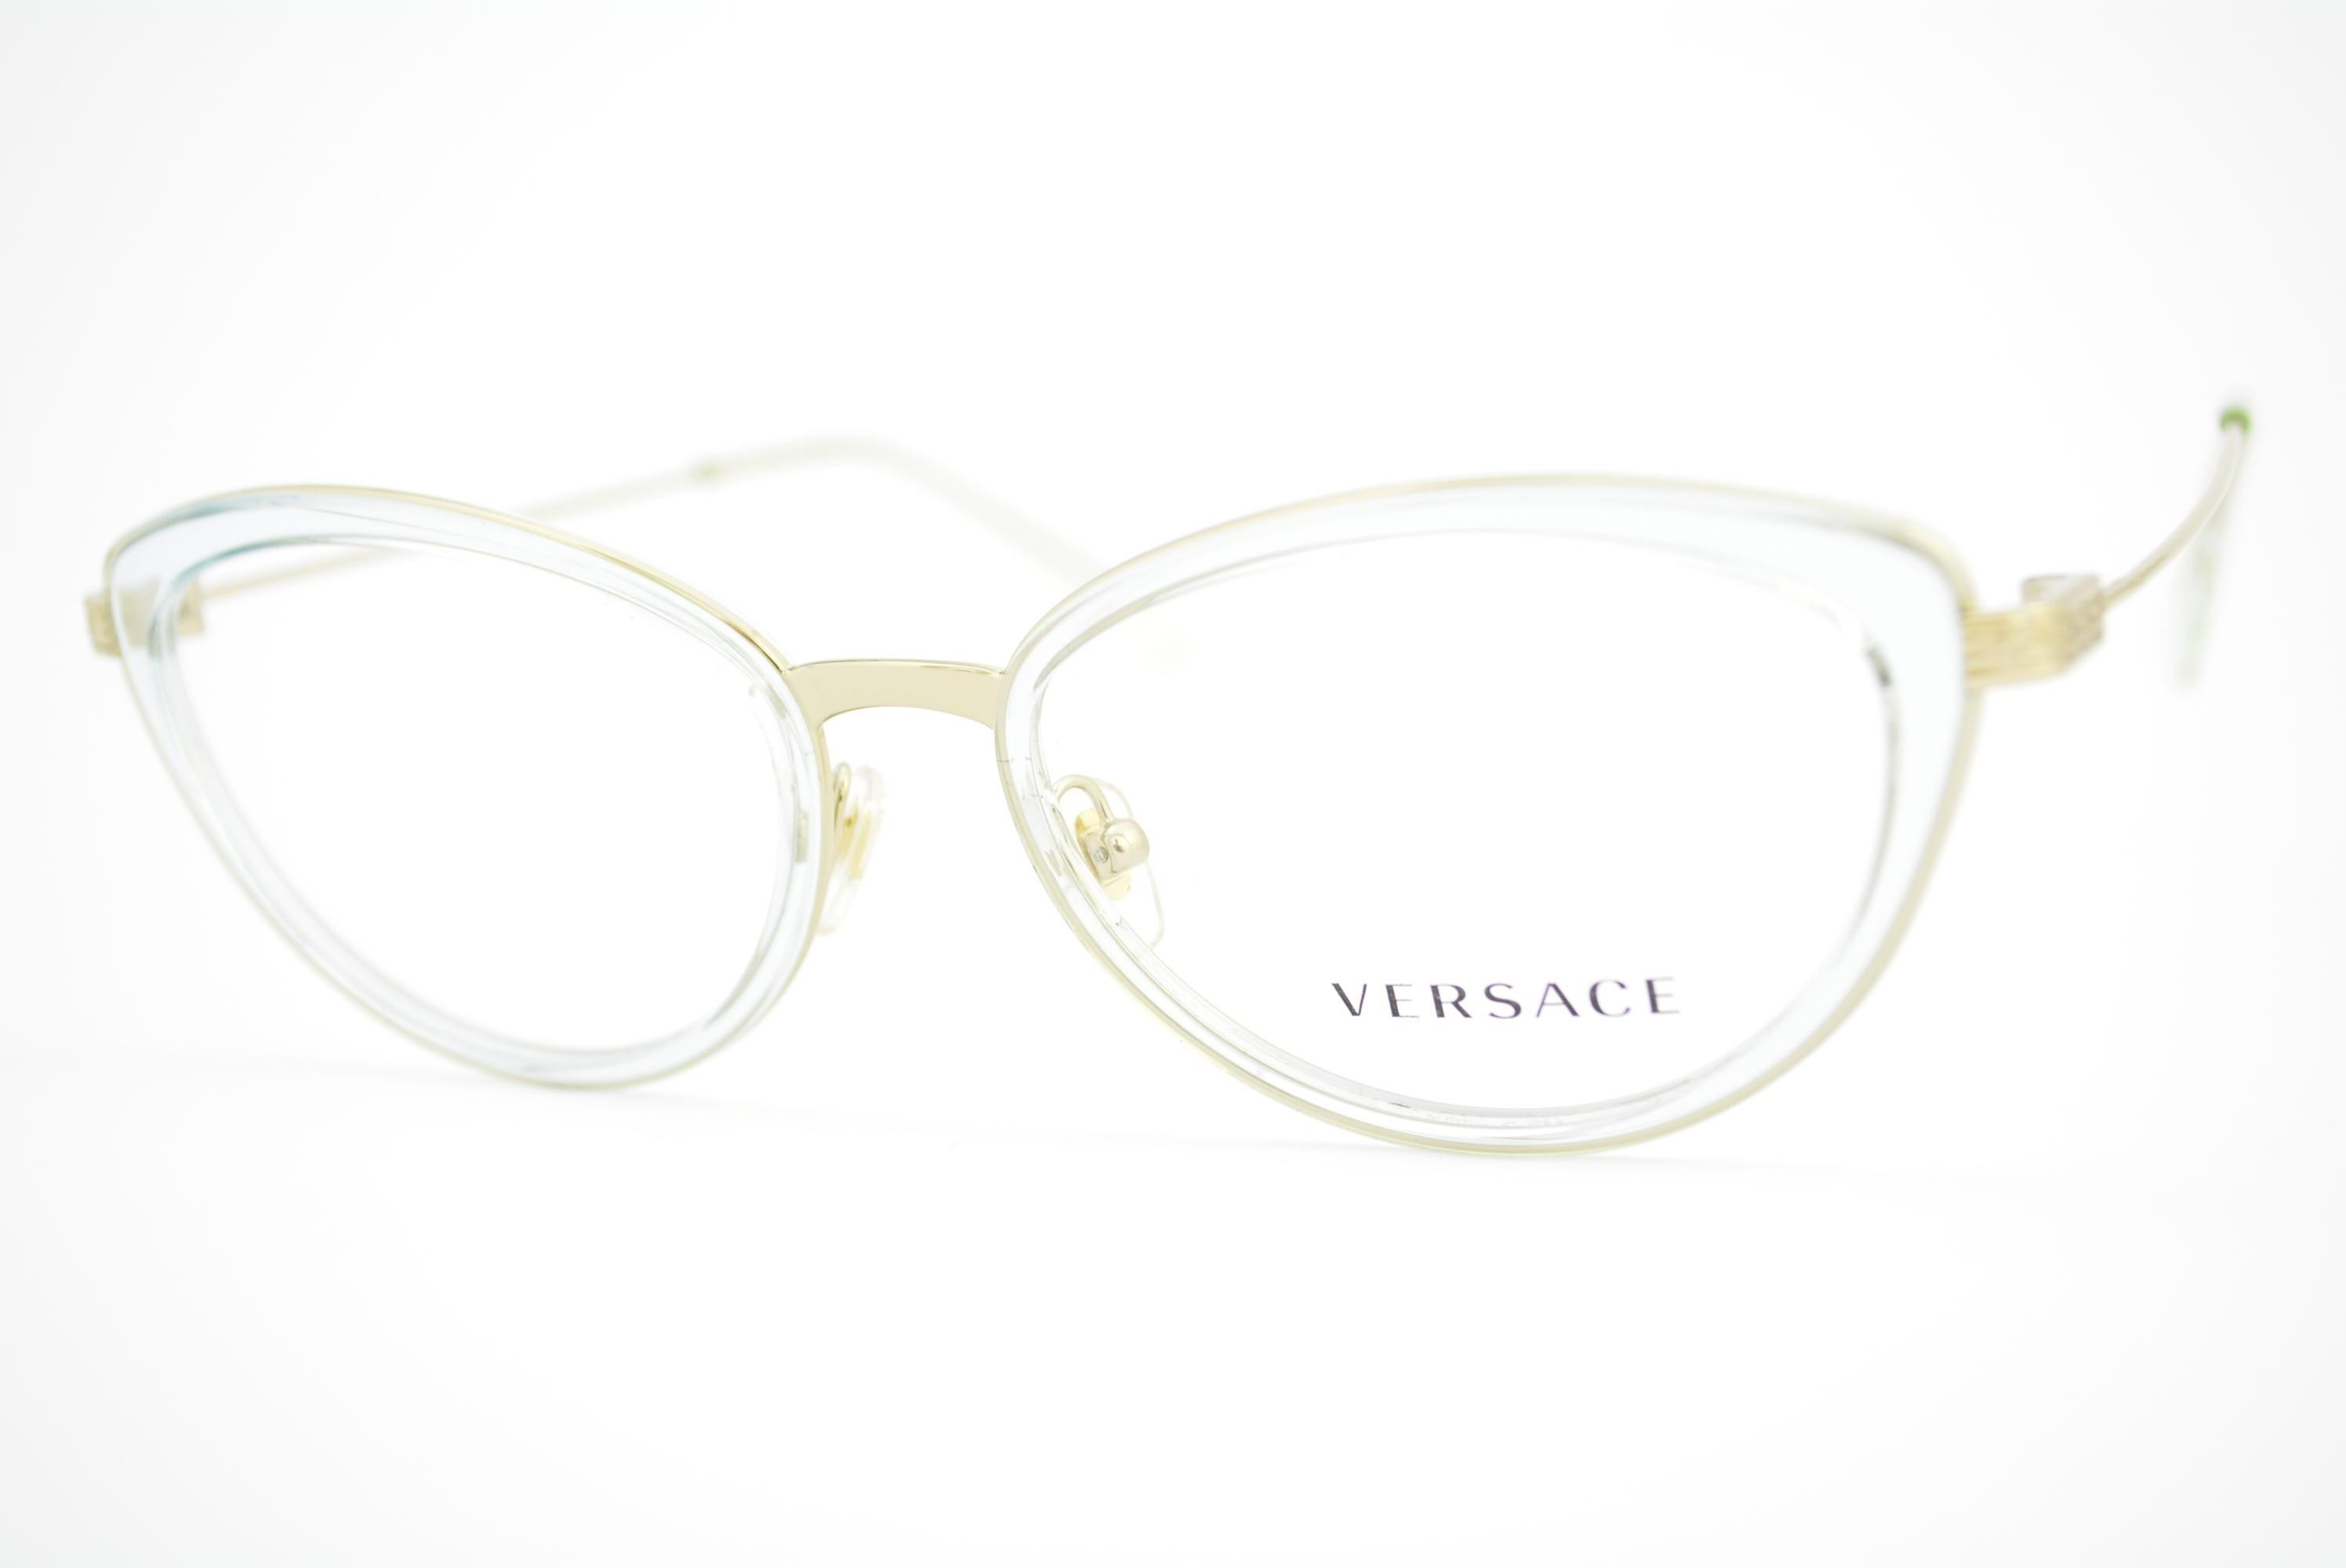 50b8dcf92 armação de óculos Versace mod 1244 1405 Ótica Cardoso